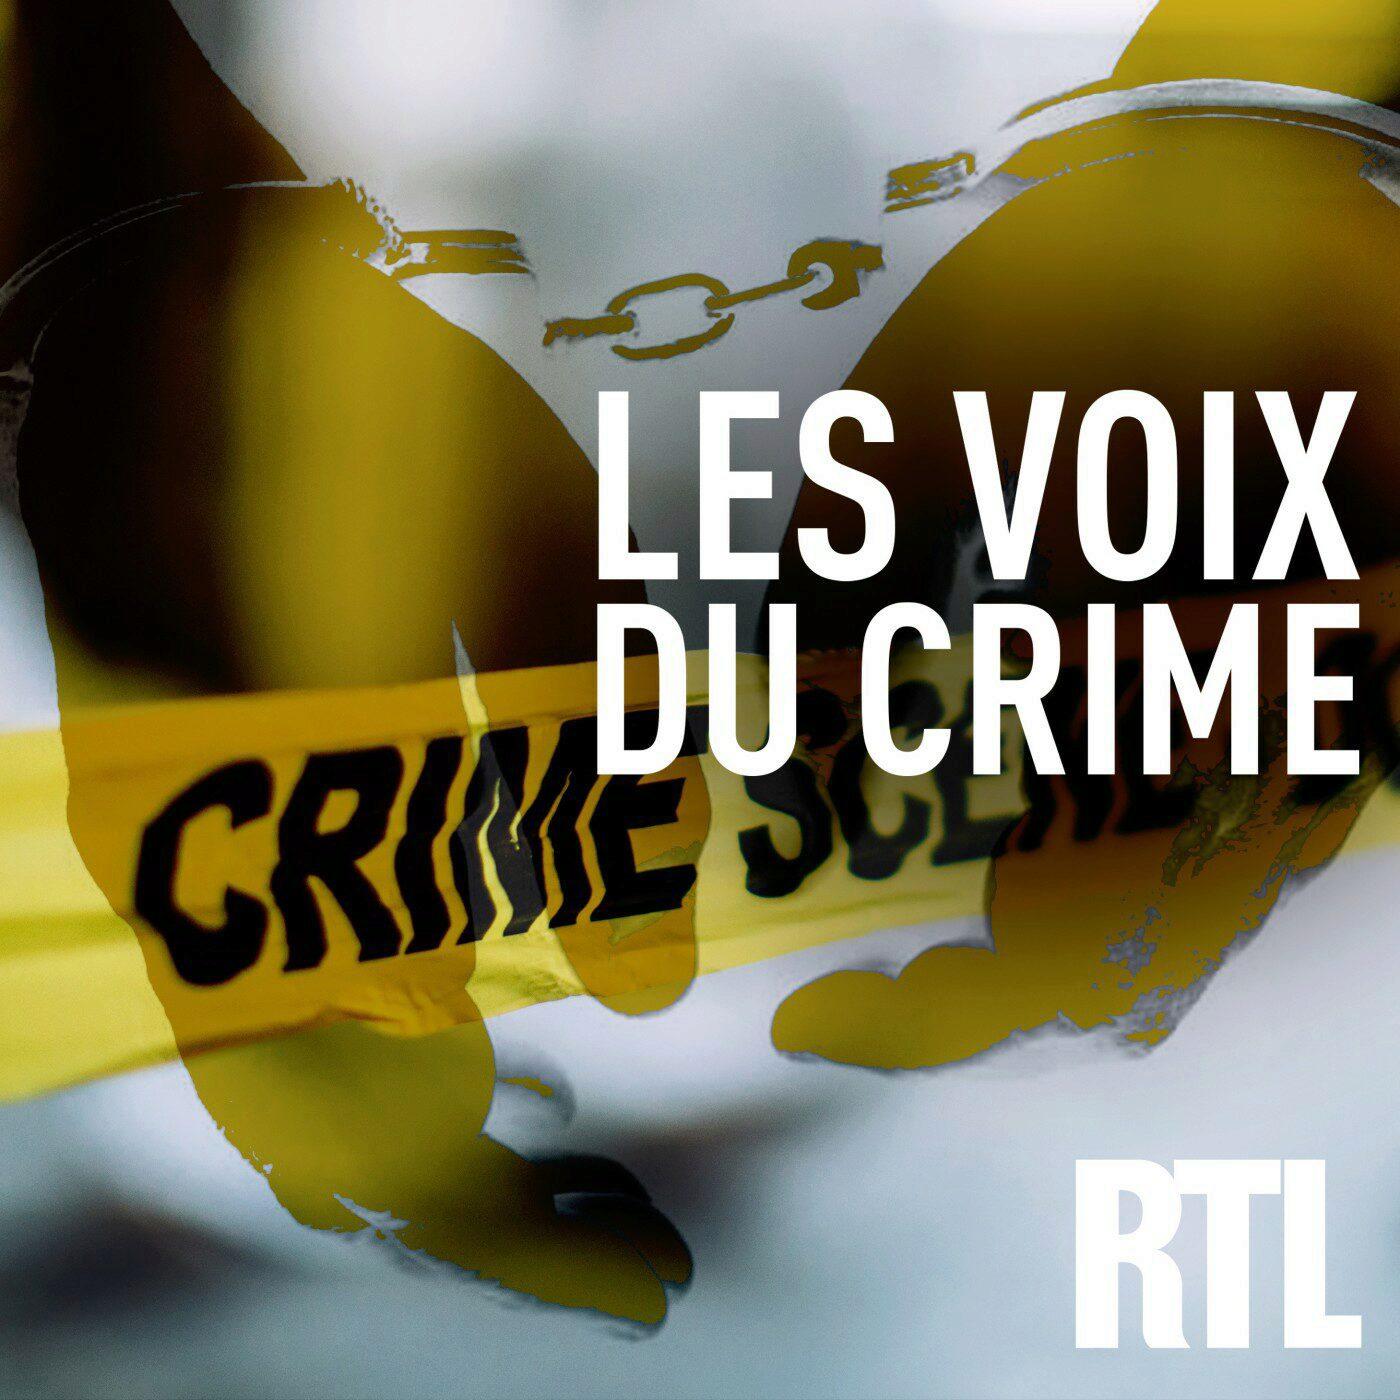 DÉCOUVERTE - Les Voix du crime - Affaire Dandonneau : comment un accident devient le crime presque parfait